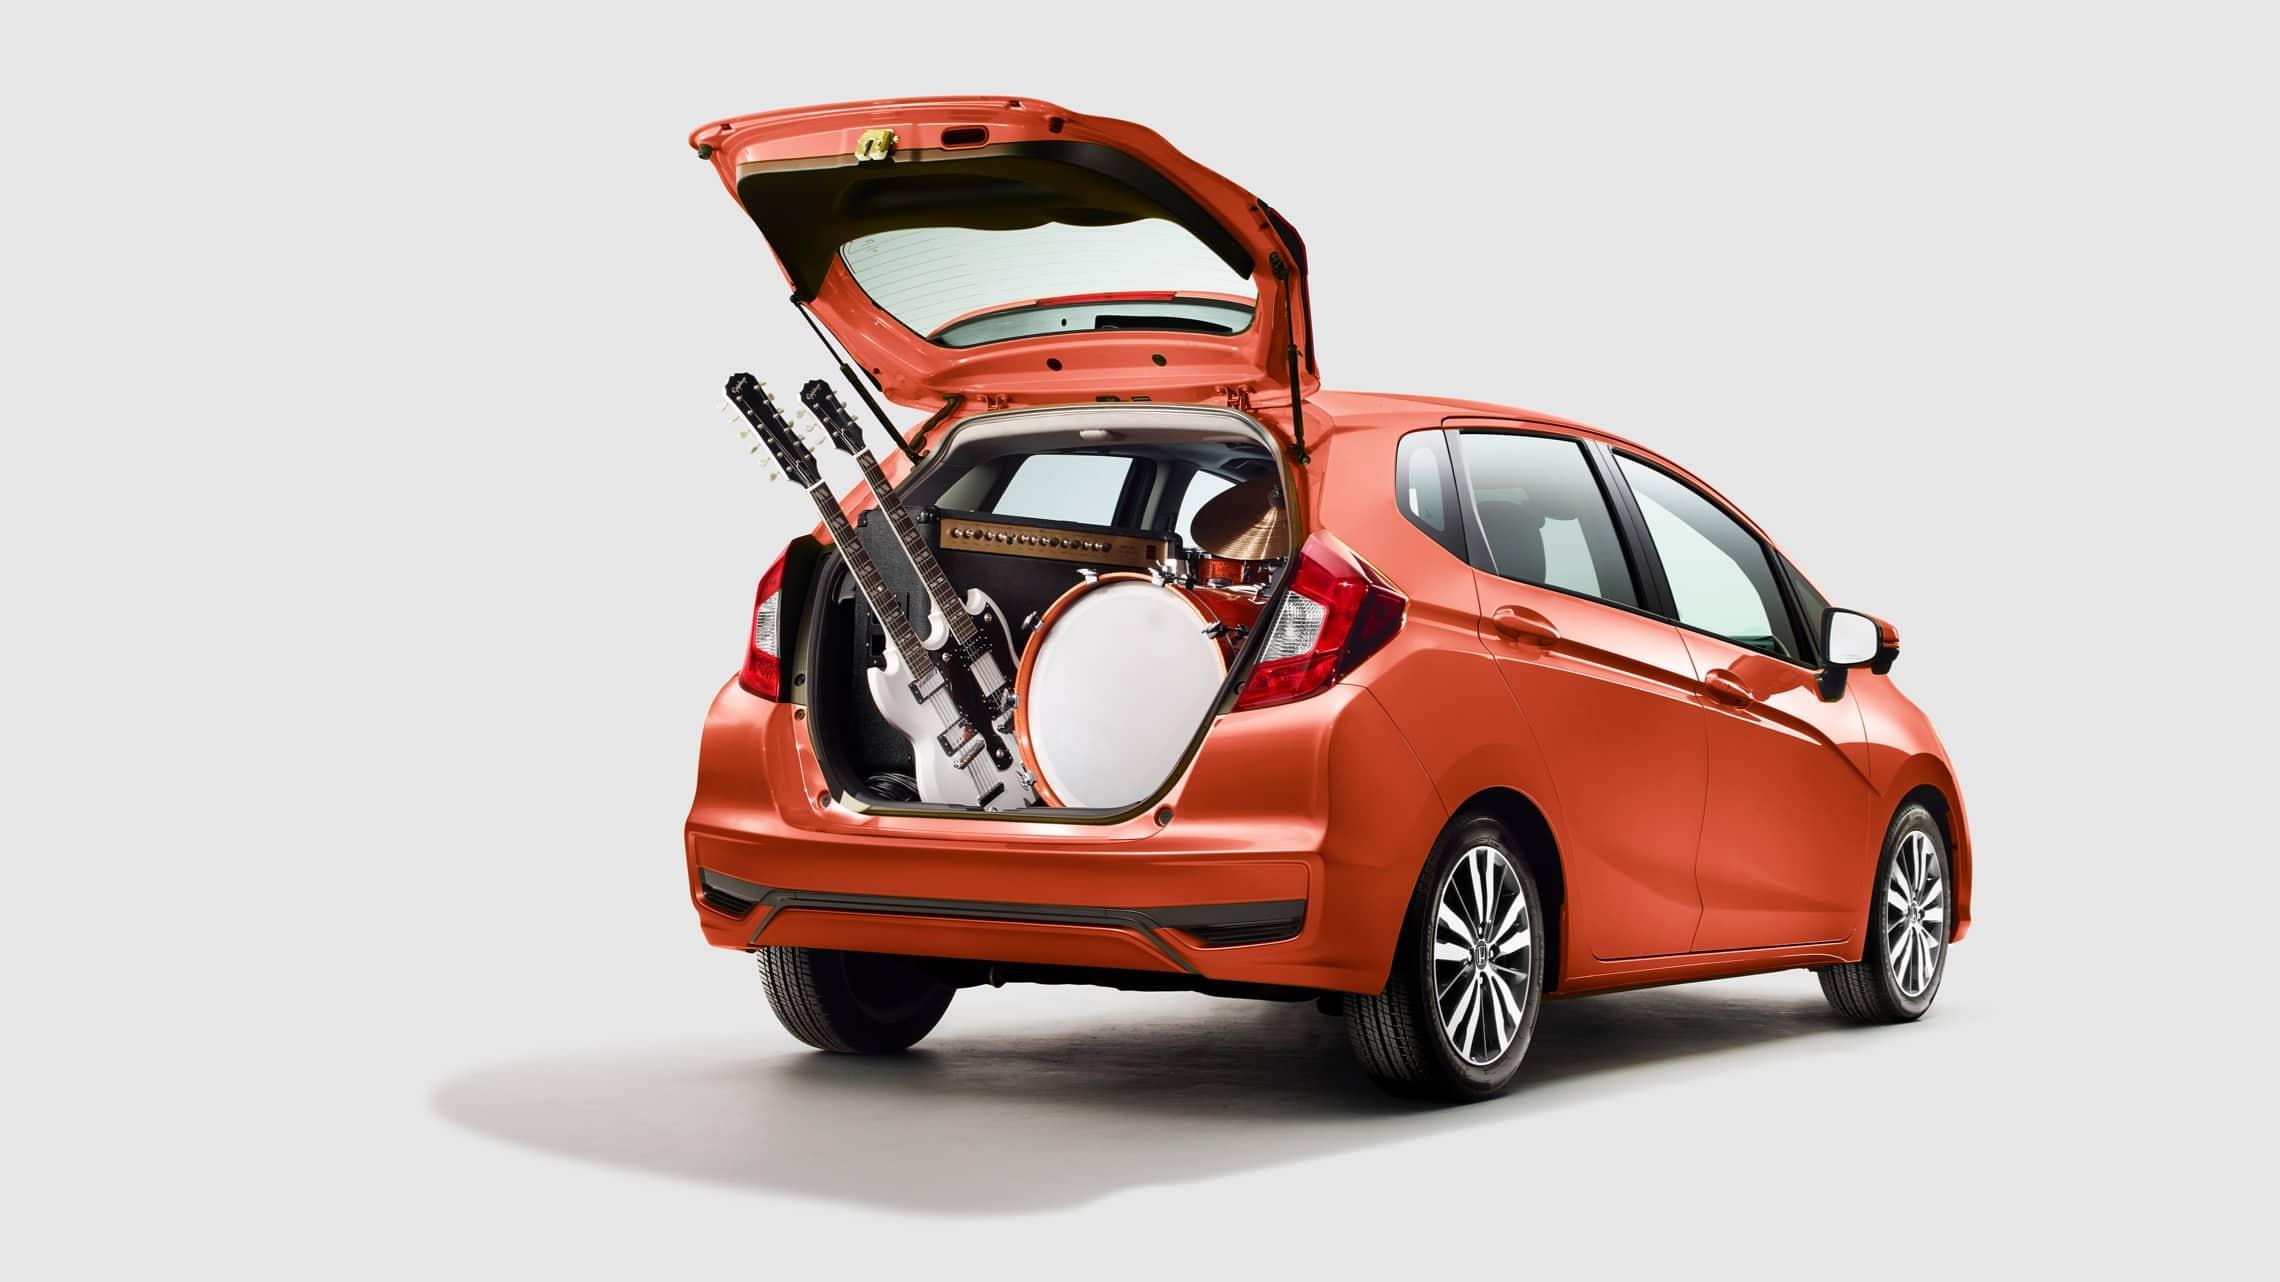 Vista trasera desde el lado del pasajero del Honda Fit EX-L2020 en Orange Fury con la puerta levadiza abierta e instrumentos musicales en el área de carga.